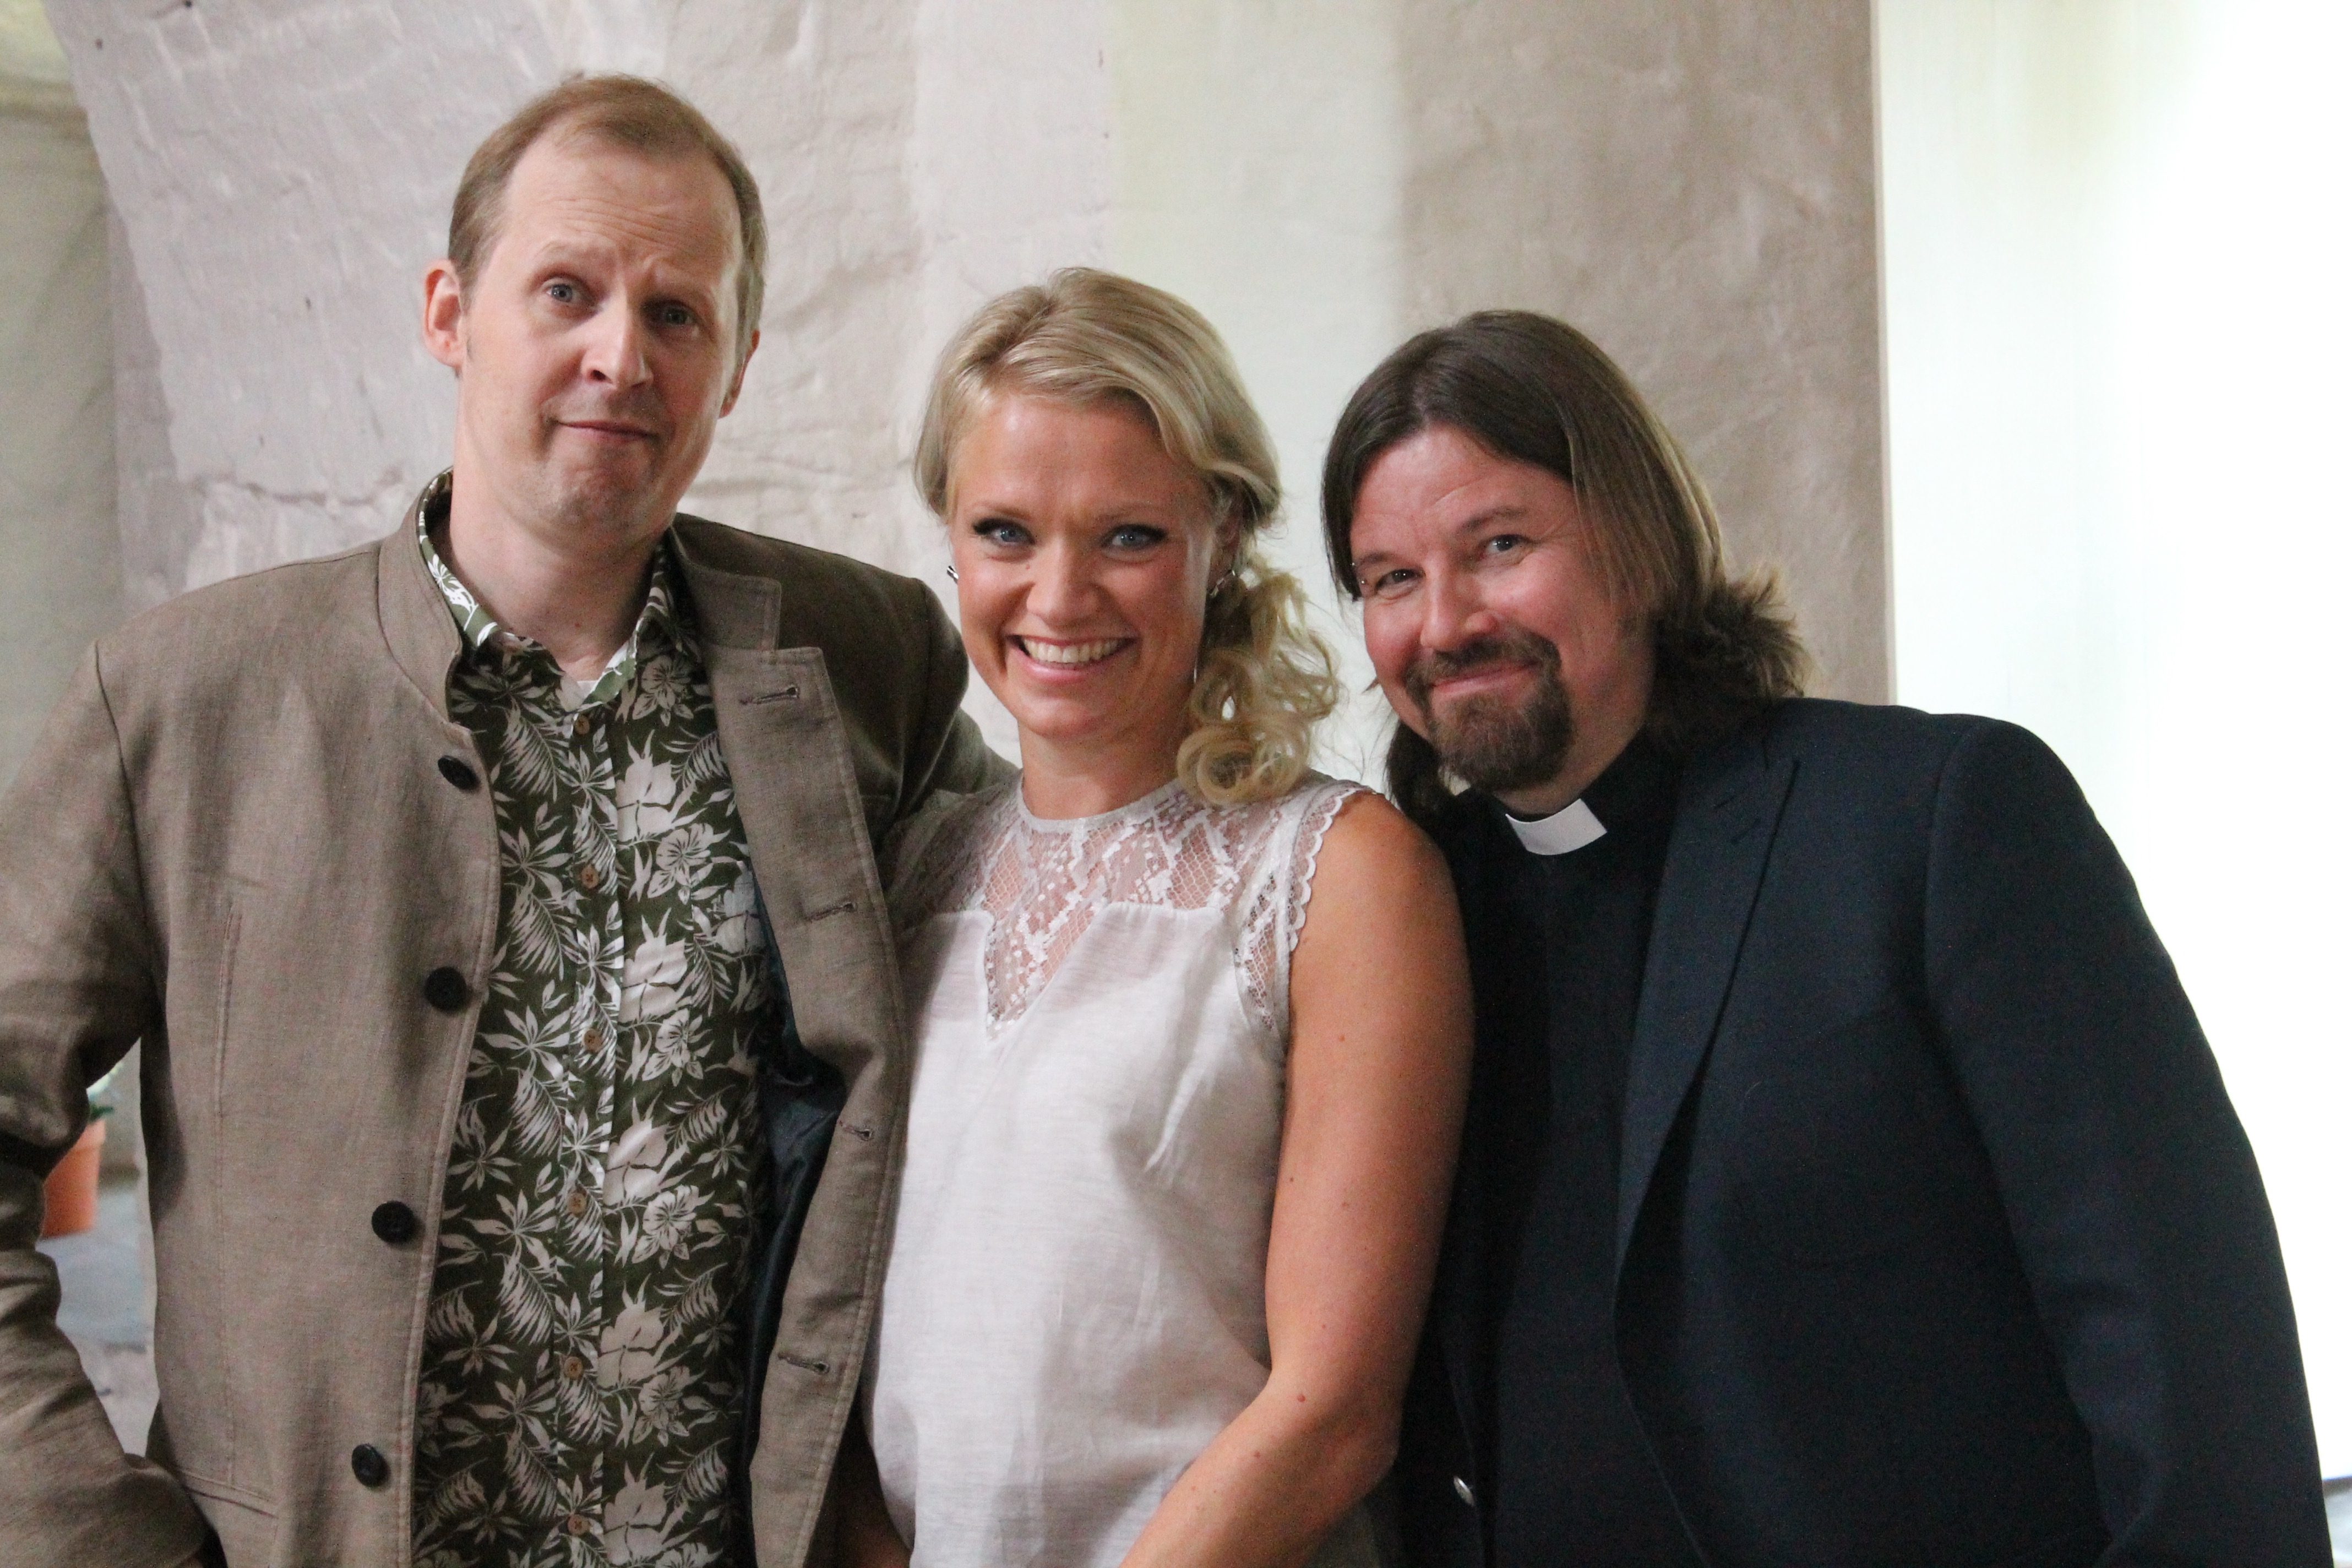 Maailman parhaat kollegani: Mikael Saarinen ja Kari Kanala